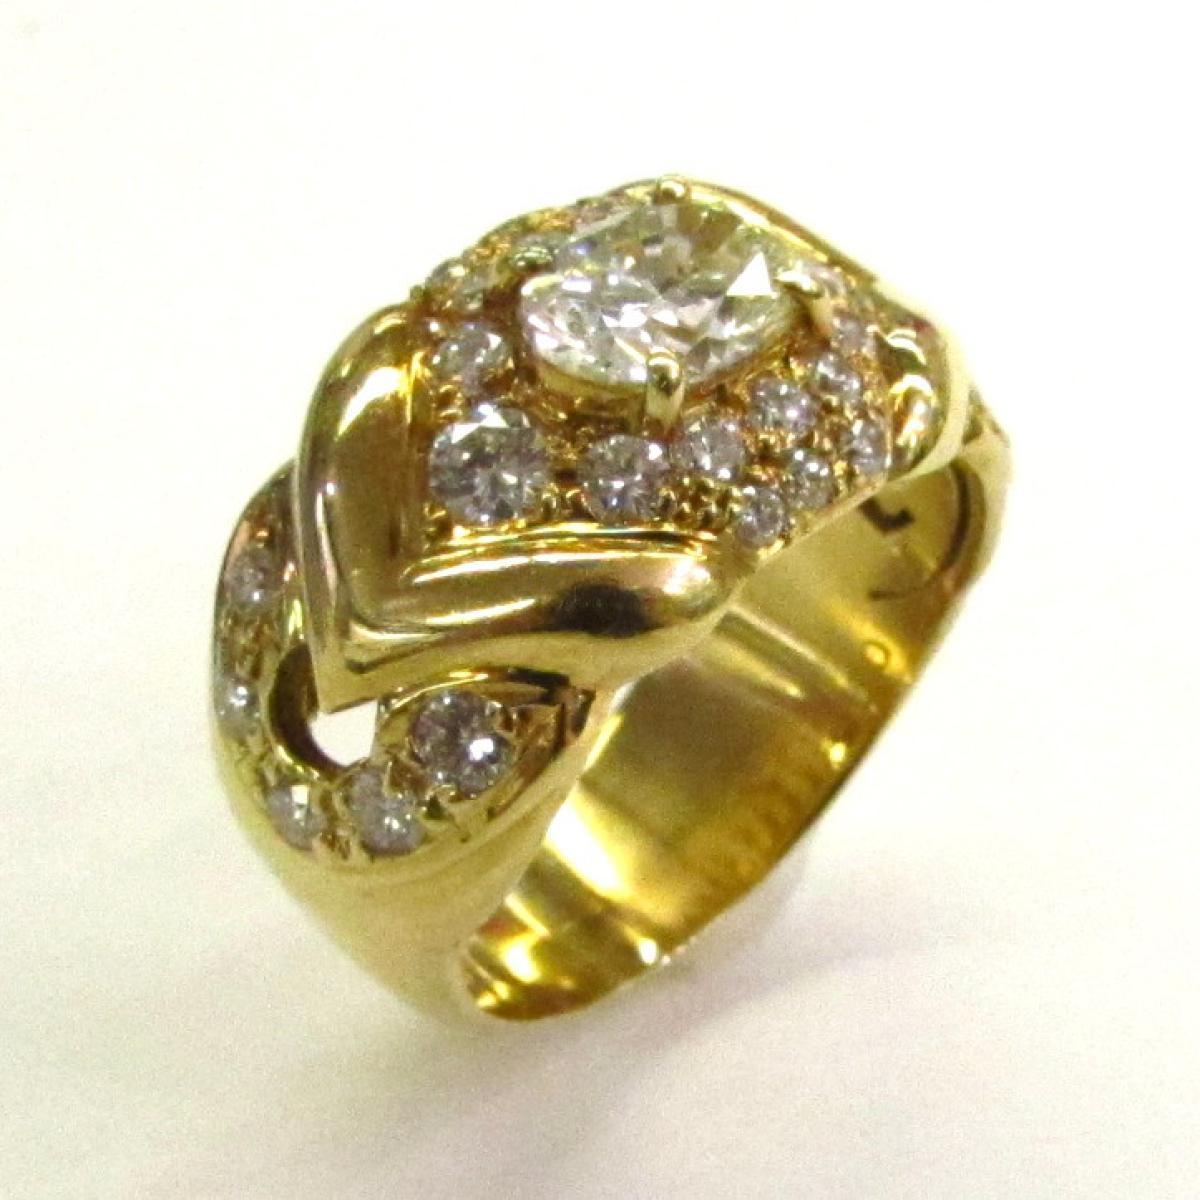 【中古】 ジュエリー ダイヤモンドリング レディース K18YG (750) イエローゴールド × ダイヤモンド (0.902/0.81ct) | JEWELRY BRANDOFF ブランドオフ アクセサリー 指輪 リング